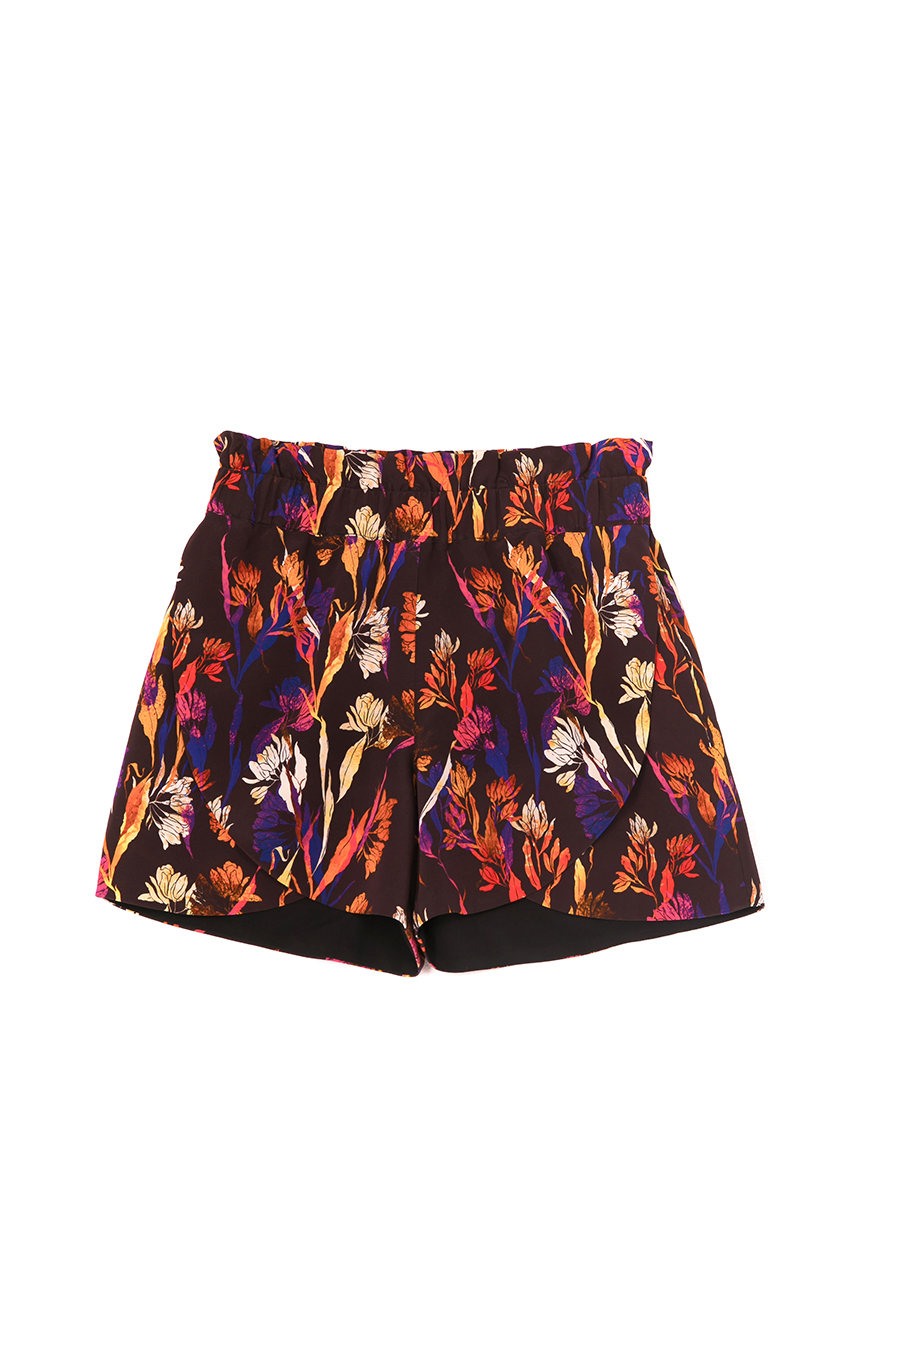 TERRI shorts pic